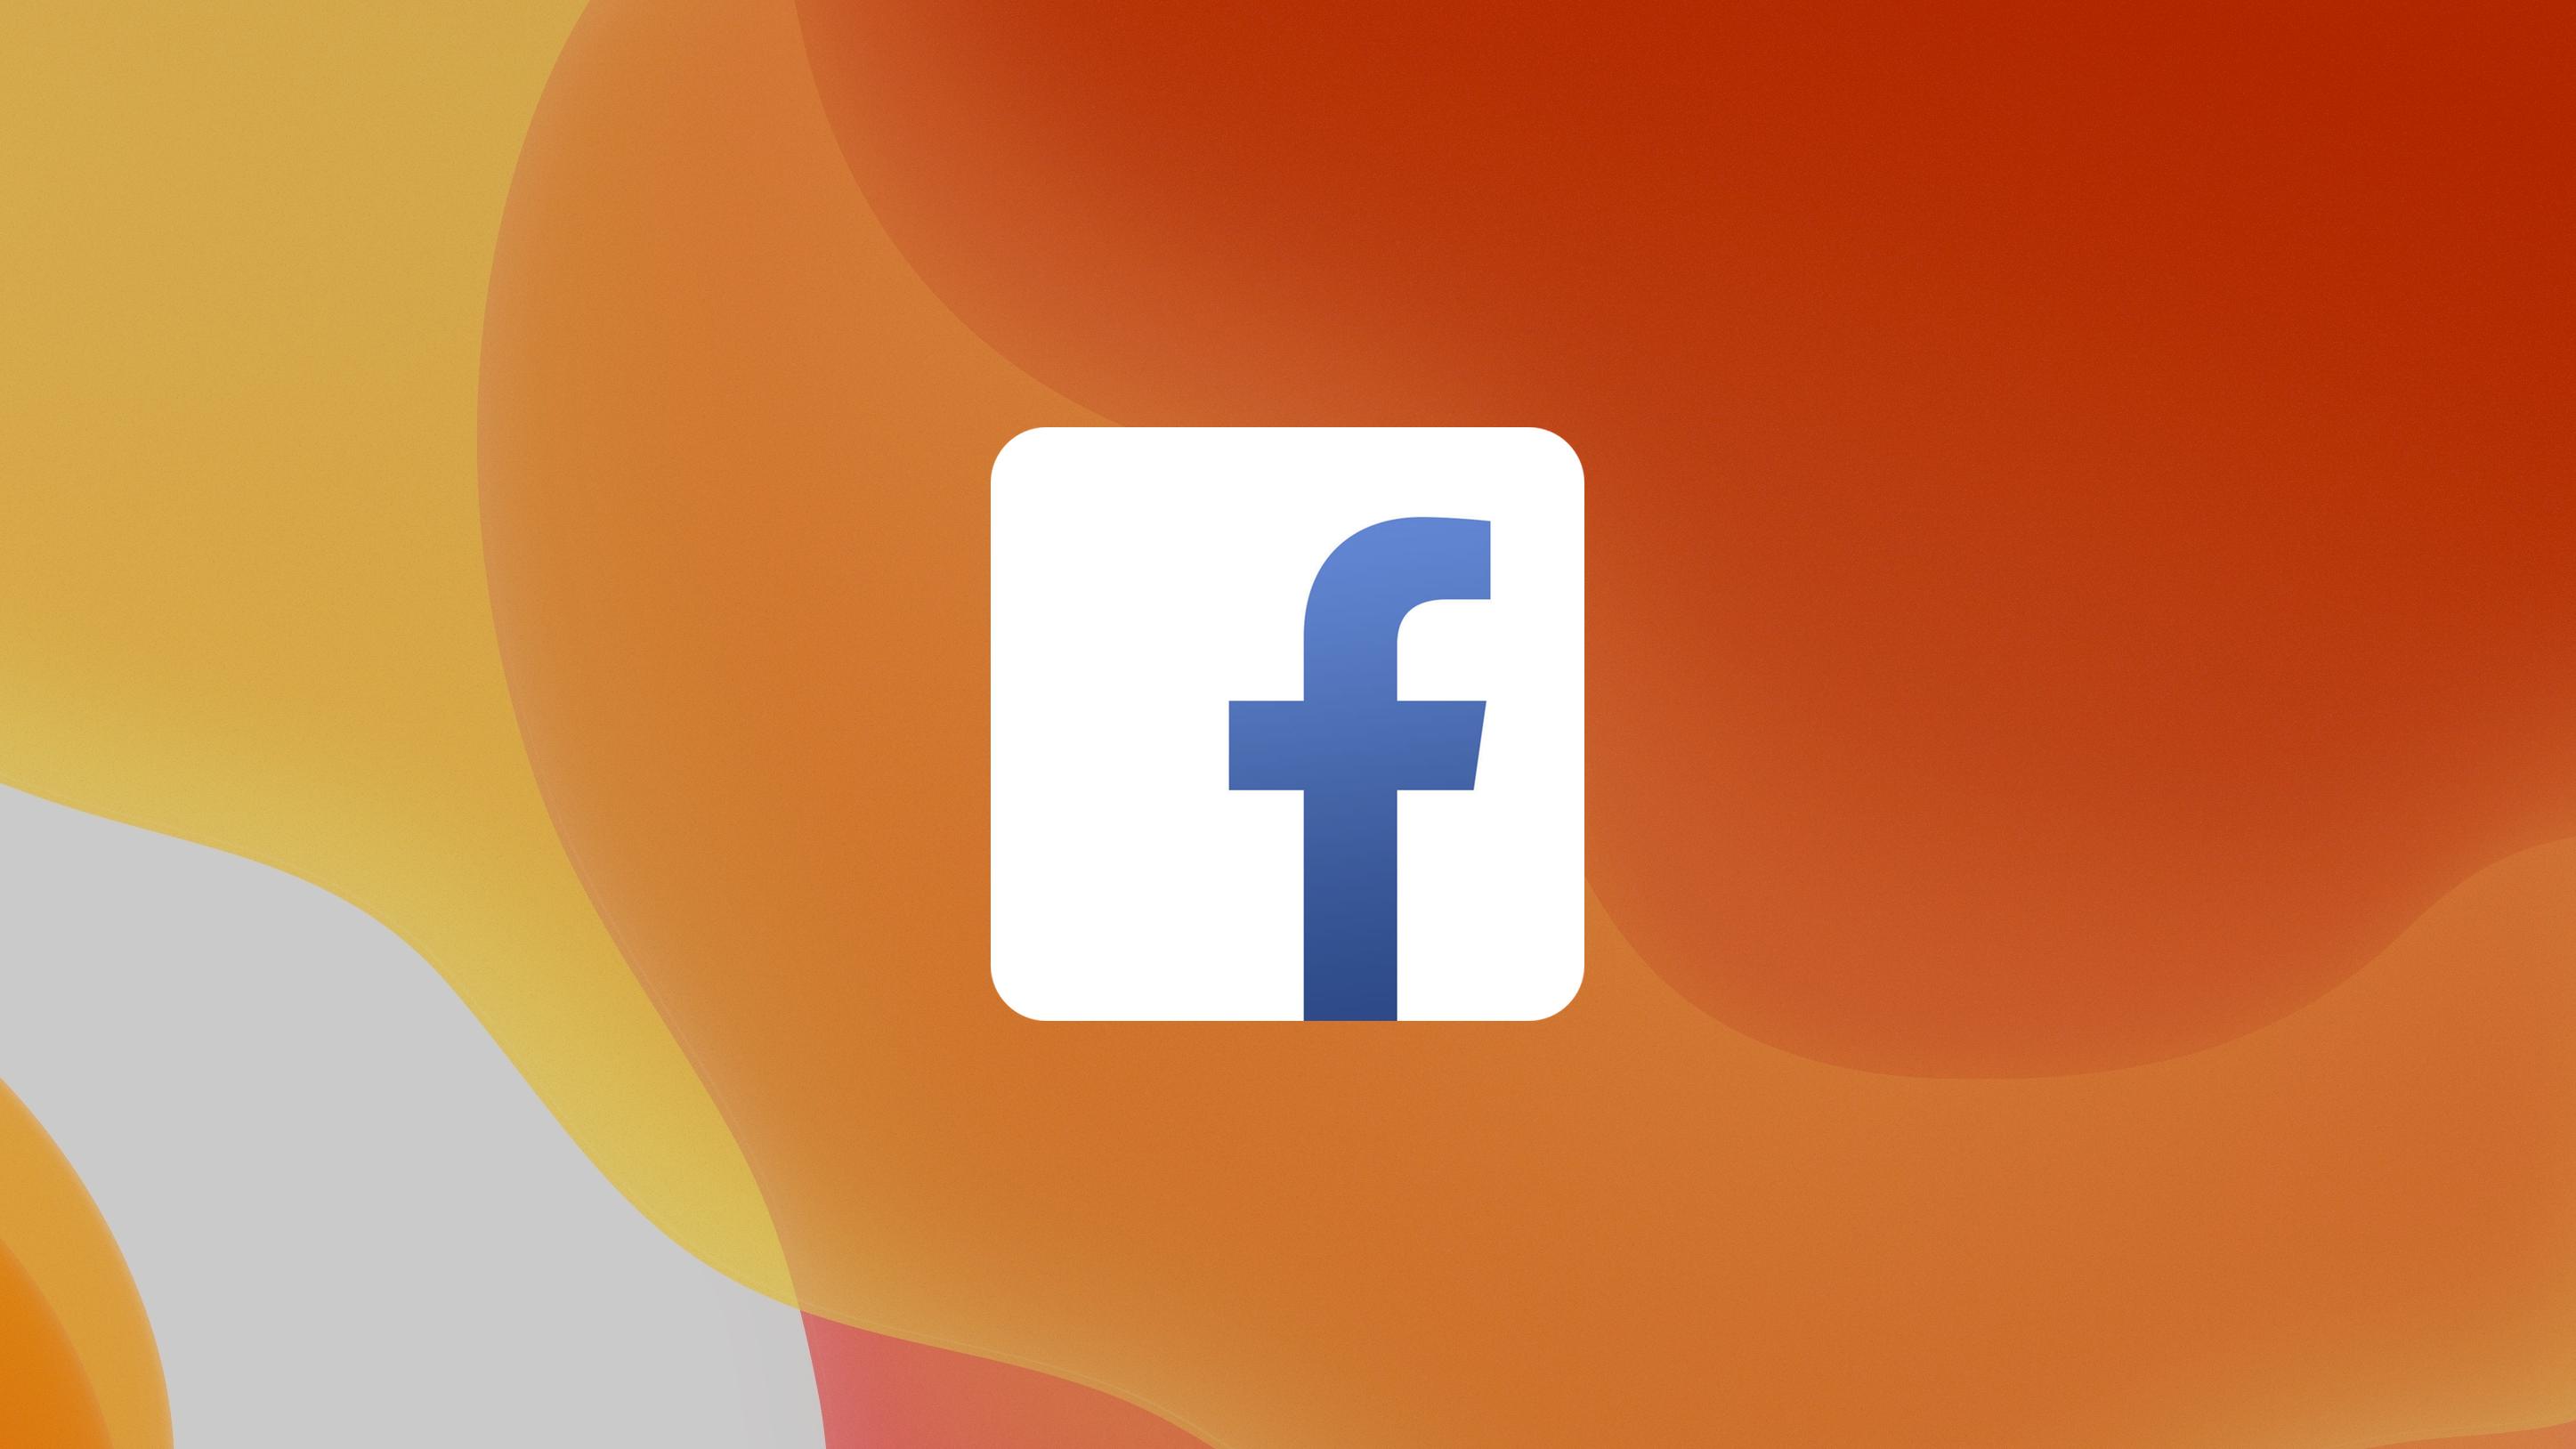 Facebook logo iOS 13 achtergrond 16x9